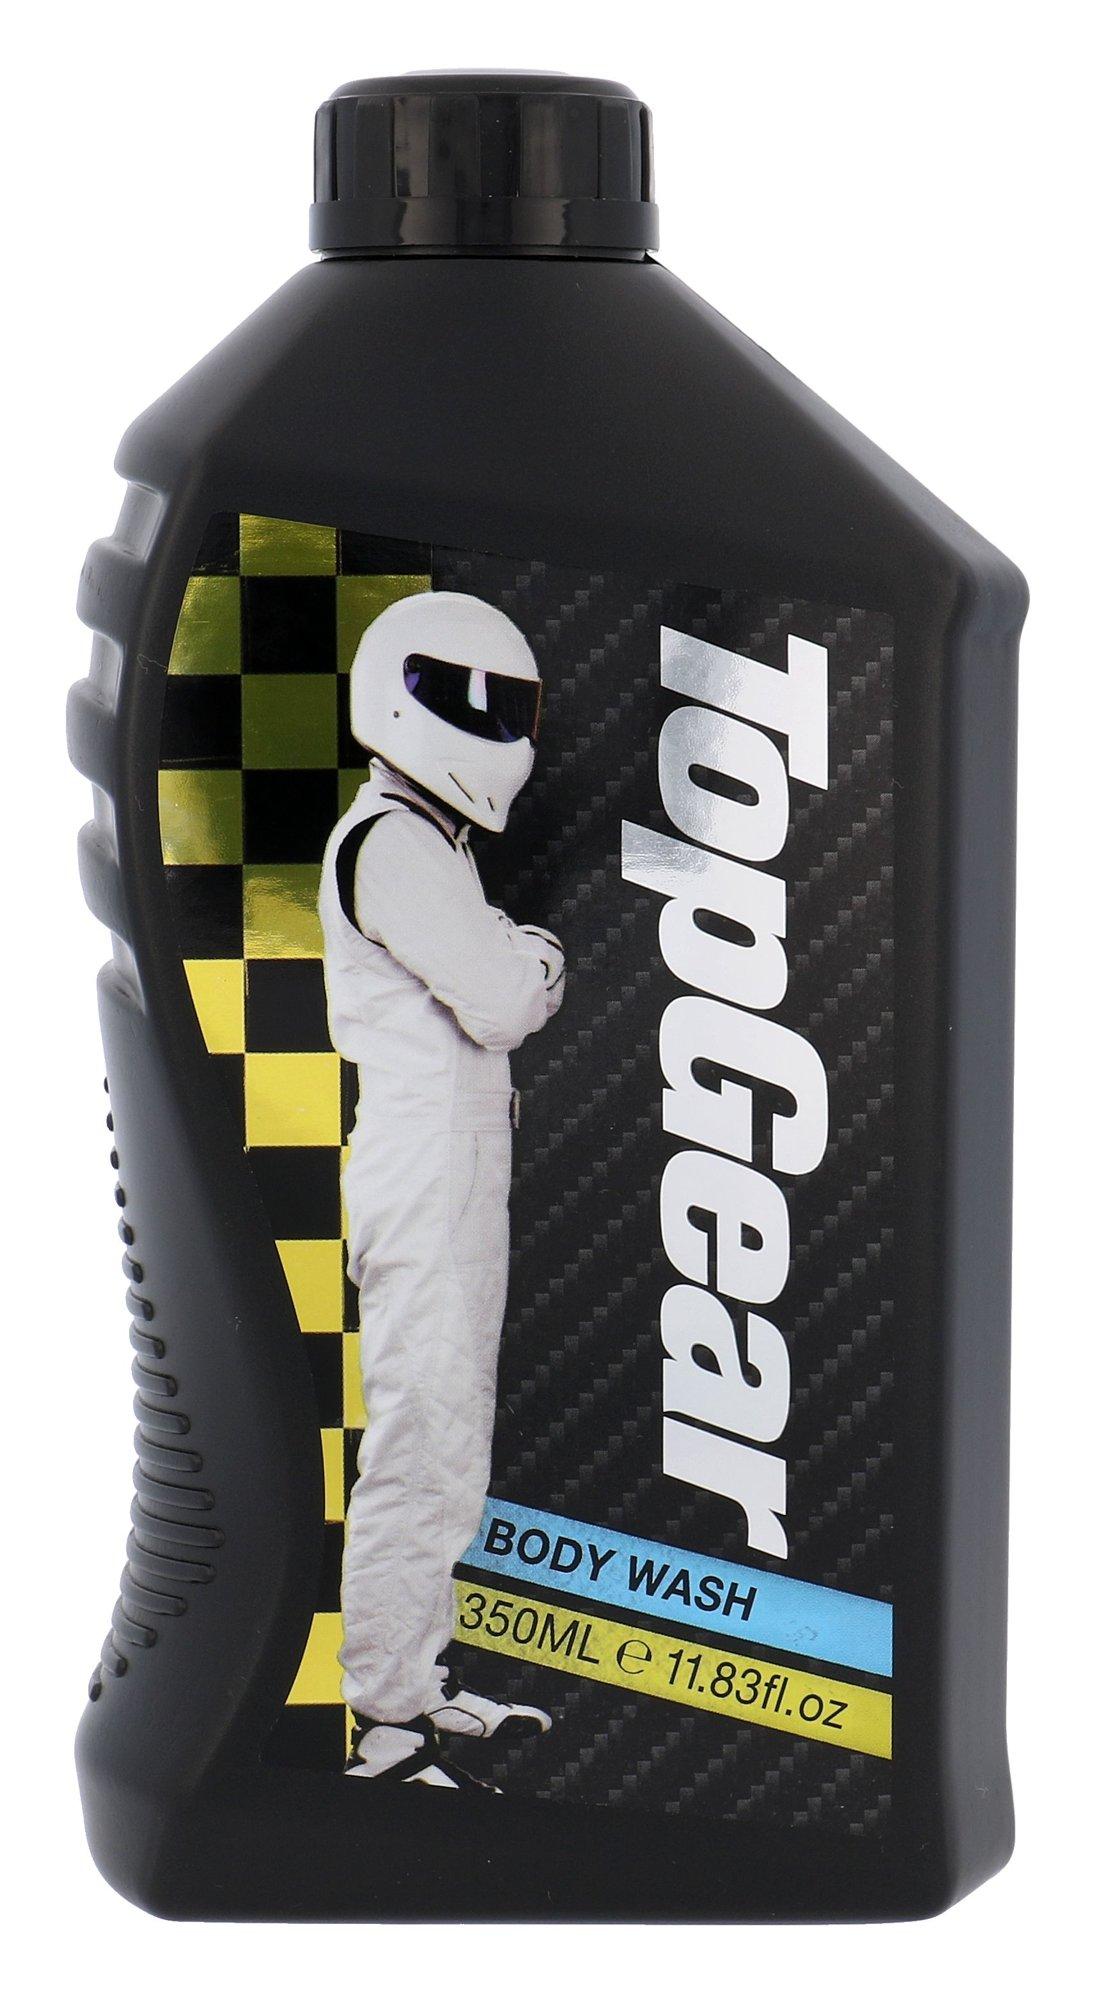 Top Gear Top Gear Black Shower gel 350ml